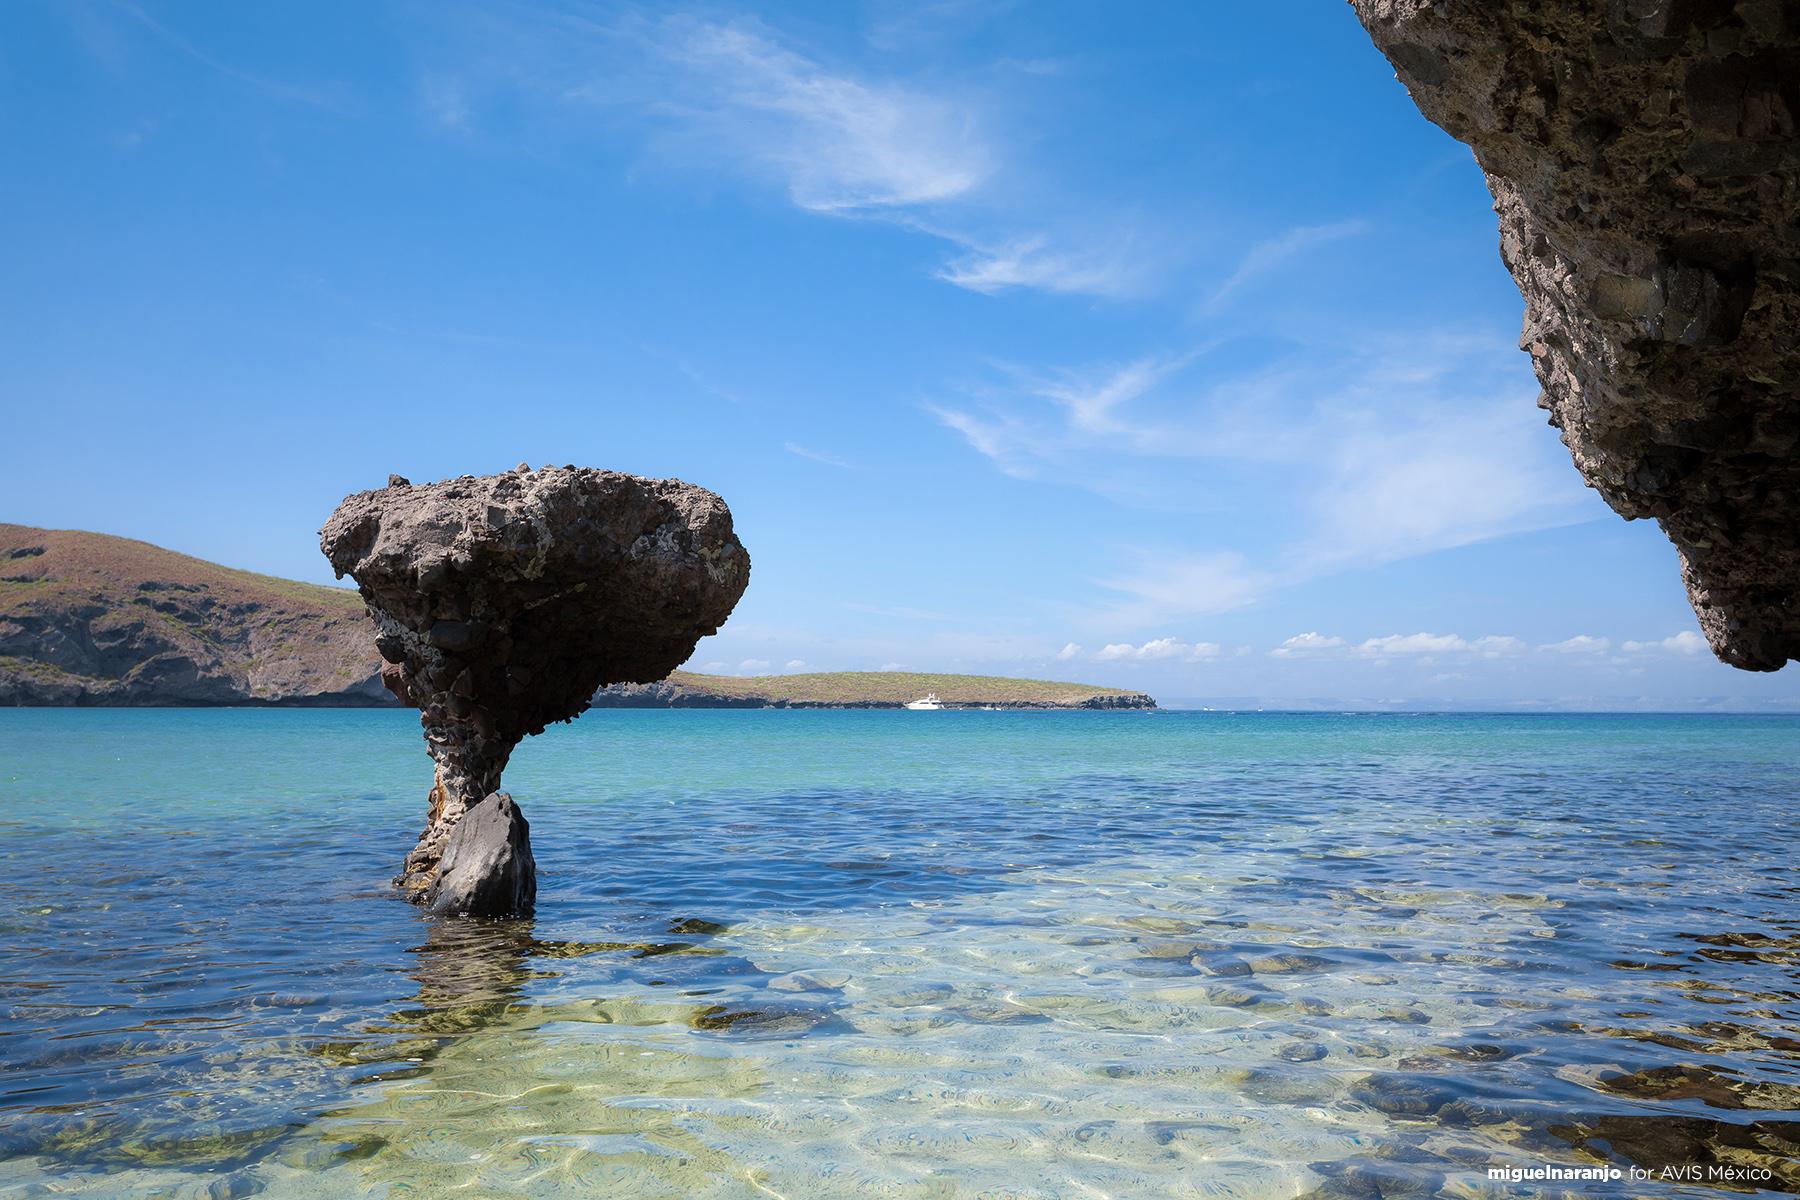 El Hongo, Playa Balandra, Baja California Sur